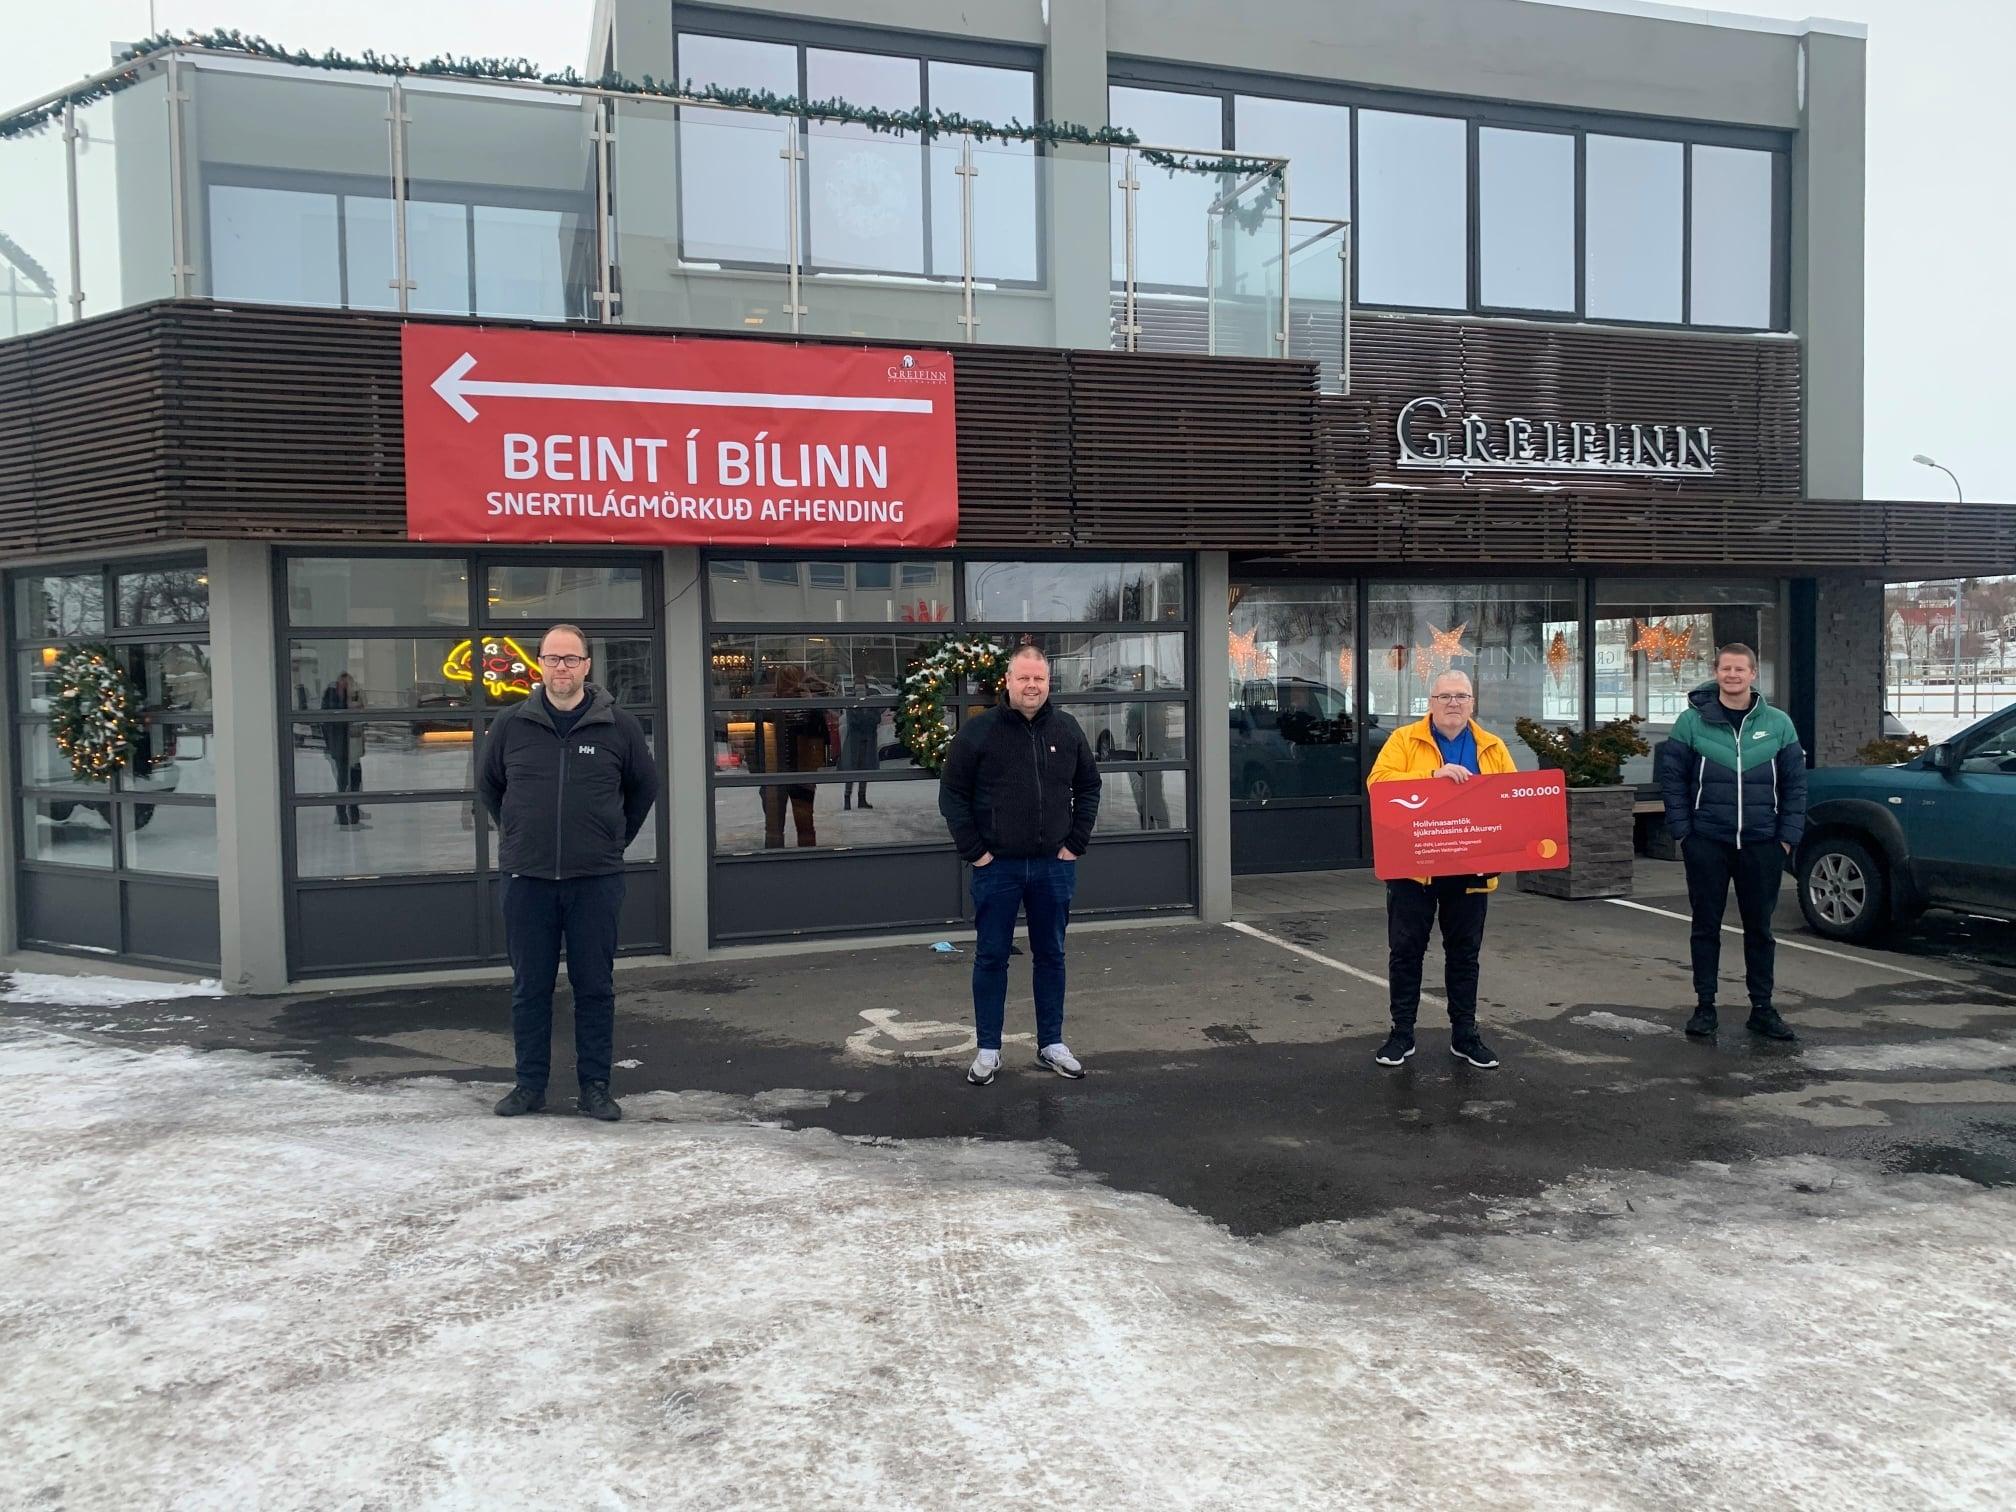 Greifinn styrkir Hollvinasamtök Sjúkrahússins á Akureyri